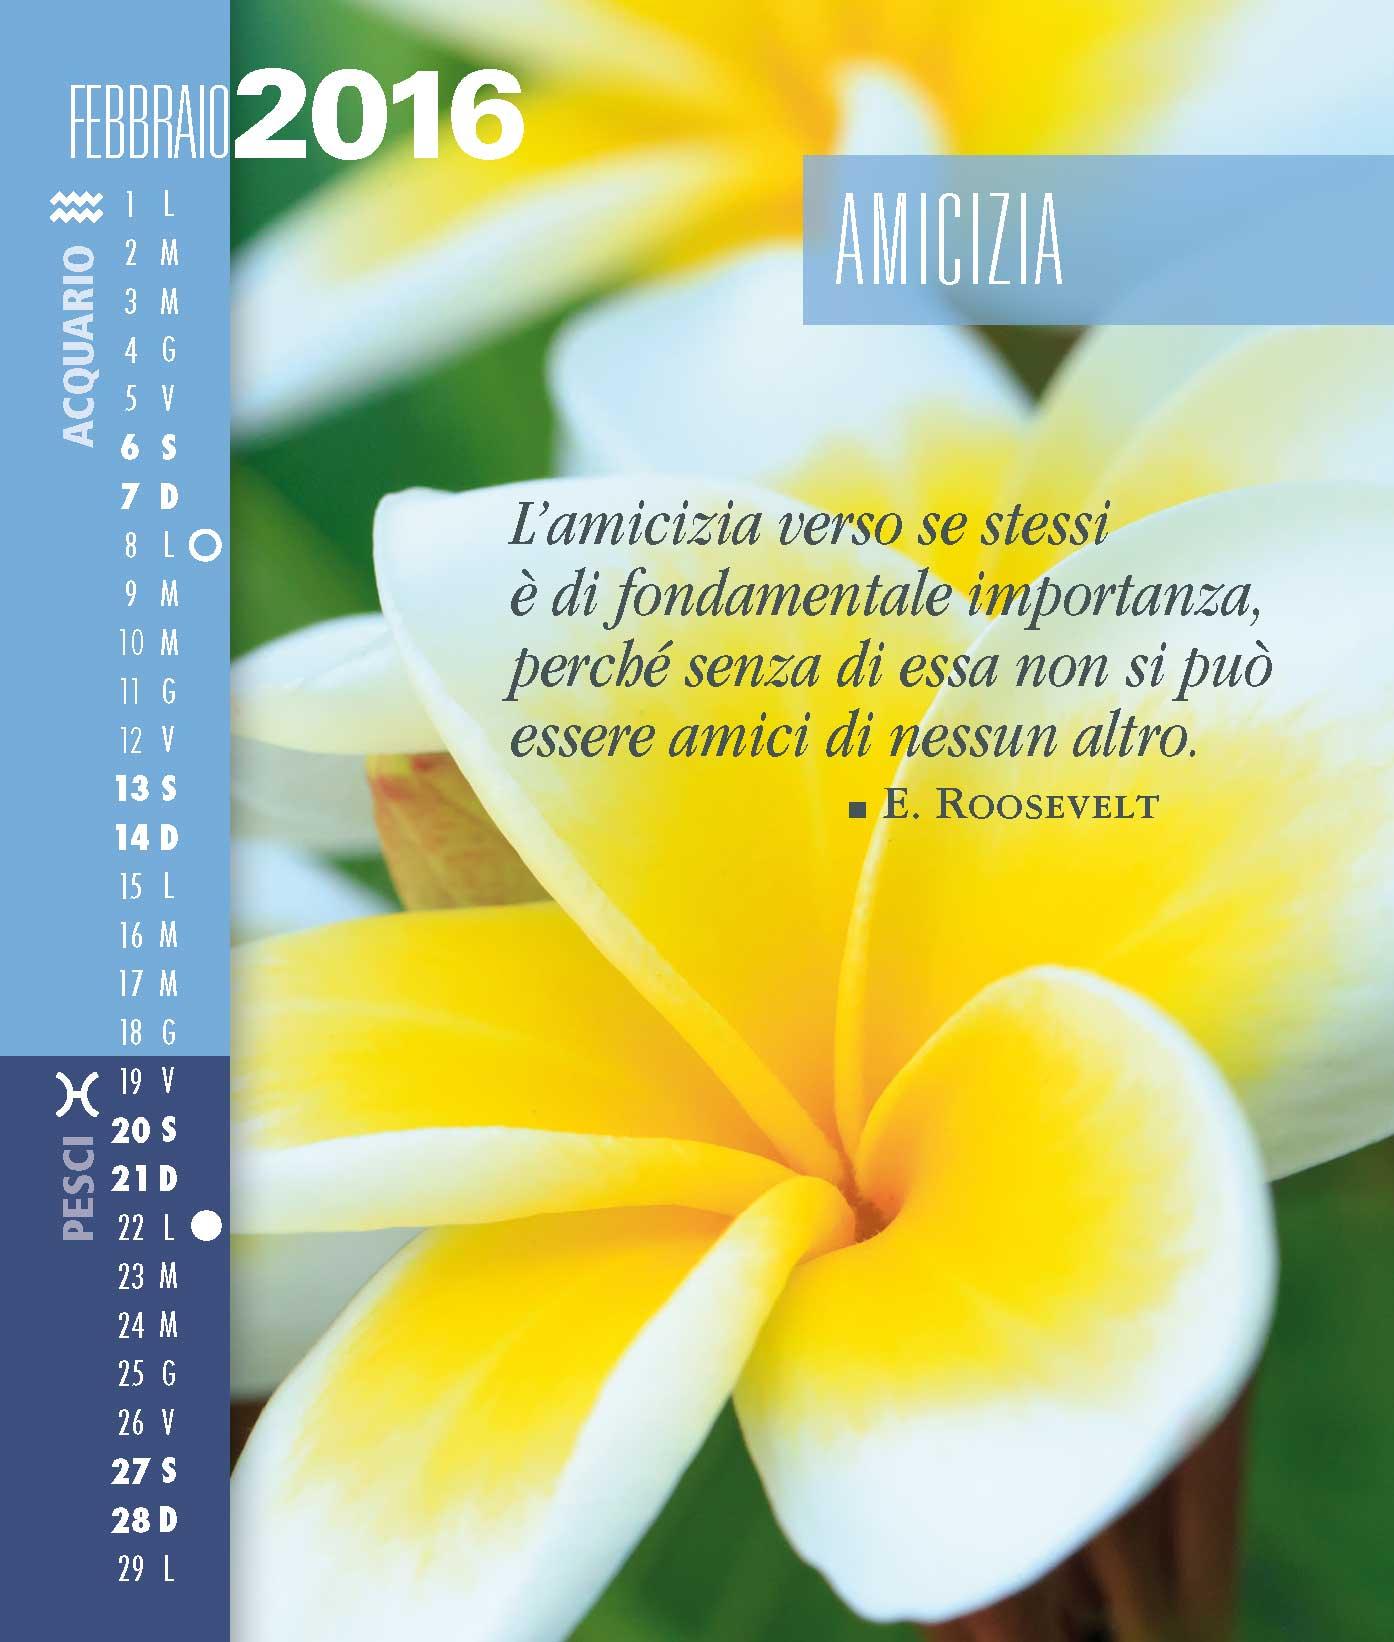 Calendario SegniSimboliParole 2016 Mese Febbraio